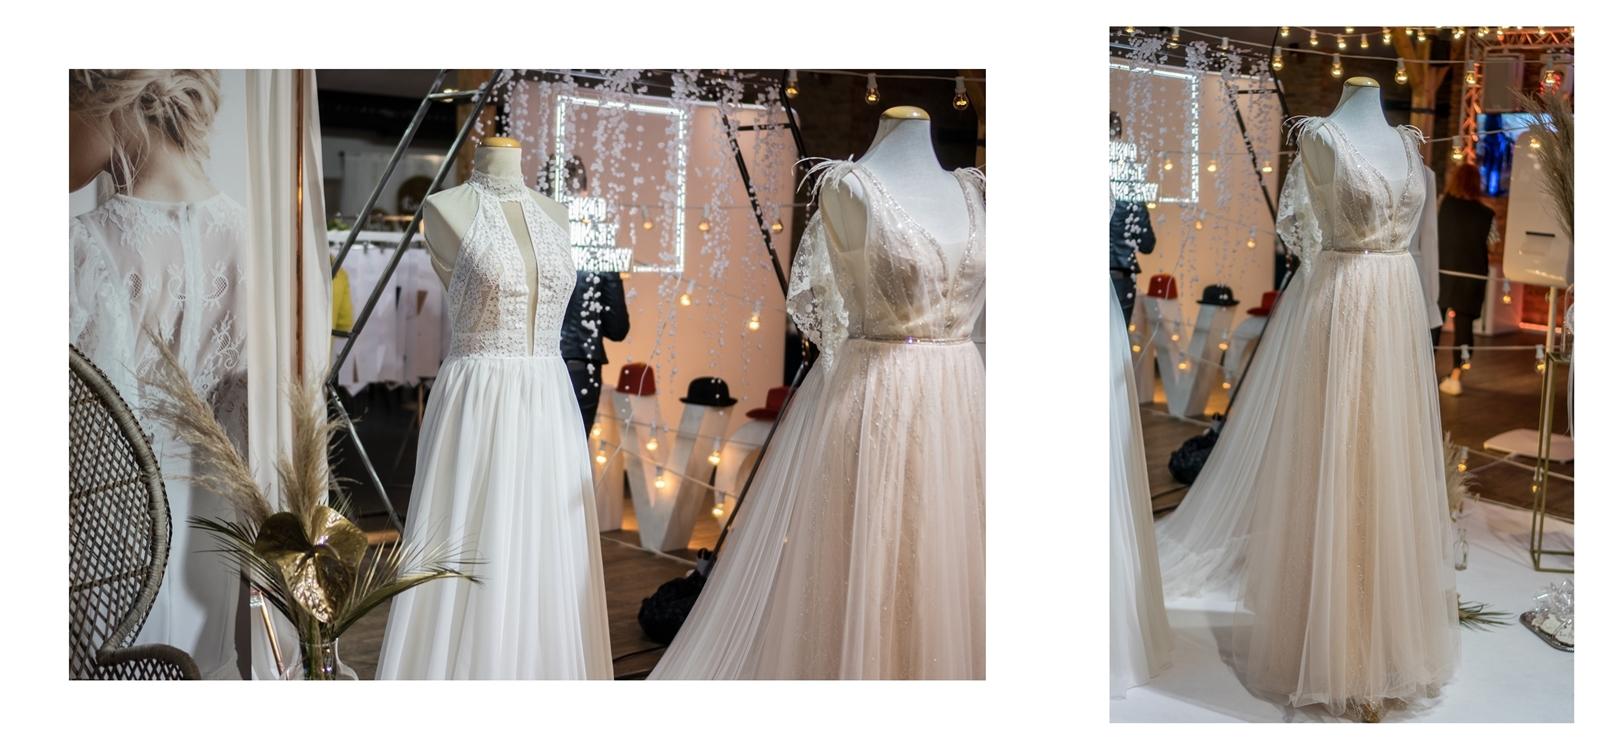 2 OFF WEDDING - Alternatywne Targi ślubne papeteria. biżuteria ślubna, dodatki ślubne, boho dekoracje , kwiaty na ślub i wesele, warszawa, łódź, romantczne, naturalne, nietypowe papeterie ślubne